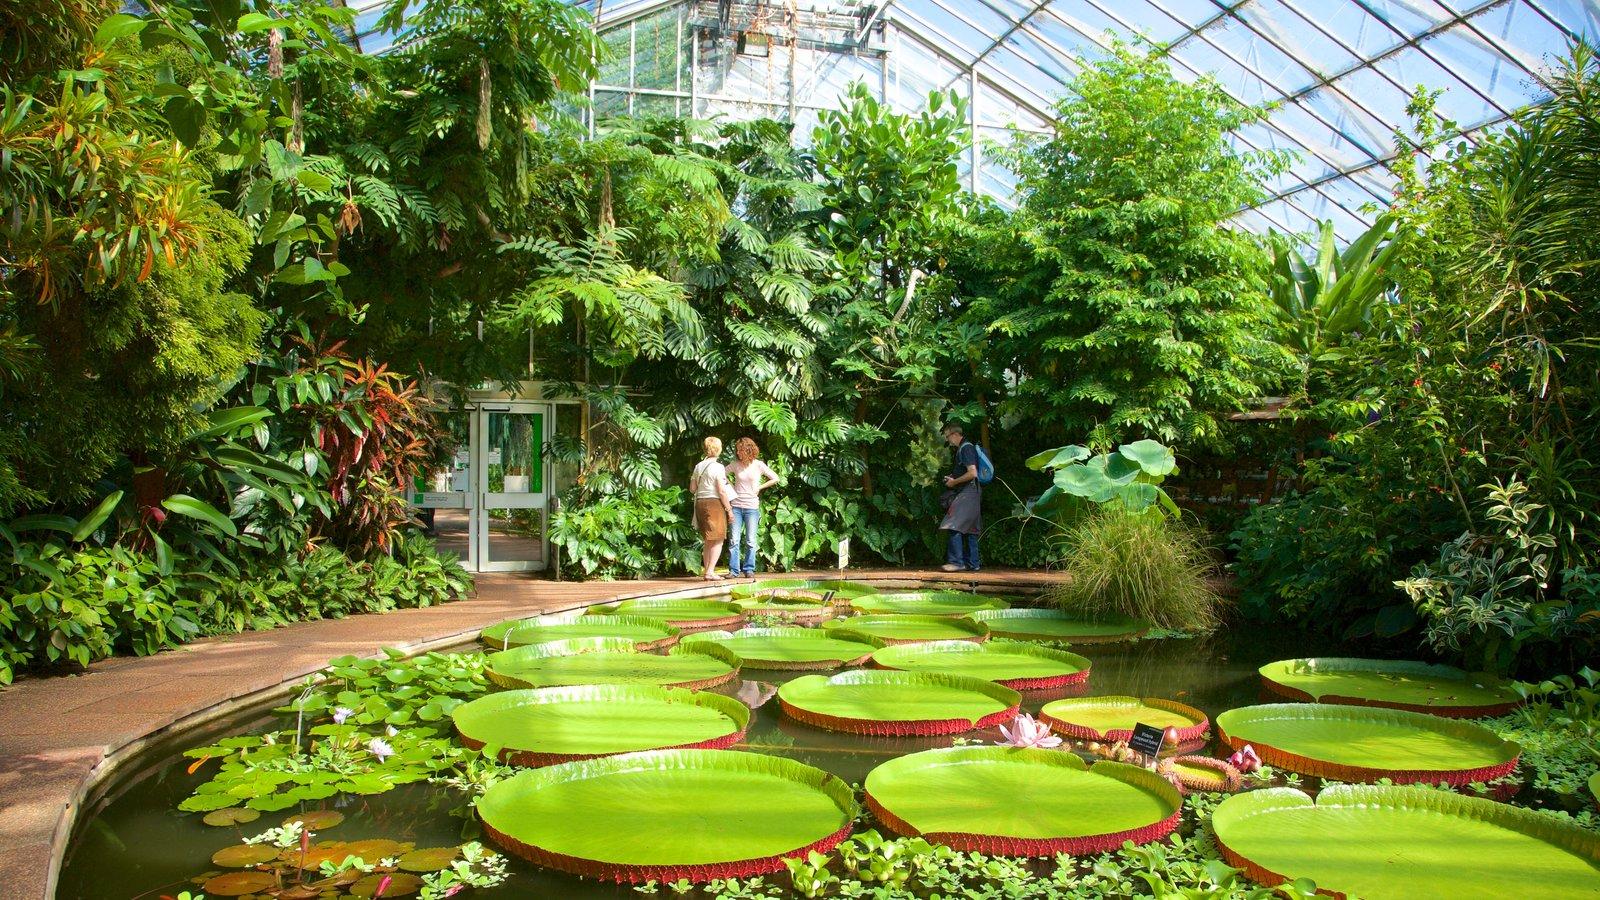 Real Jardín Botánico ofreciendo vistas interiores, un jardín y escenas tropicales